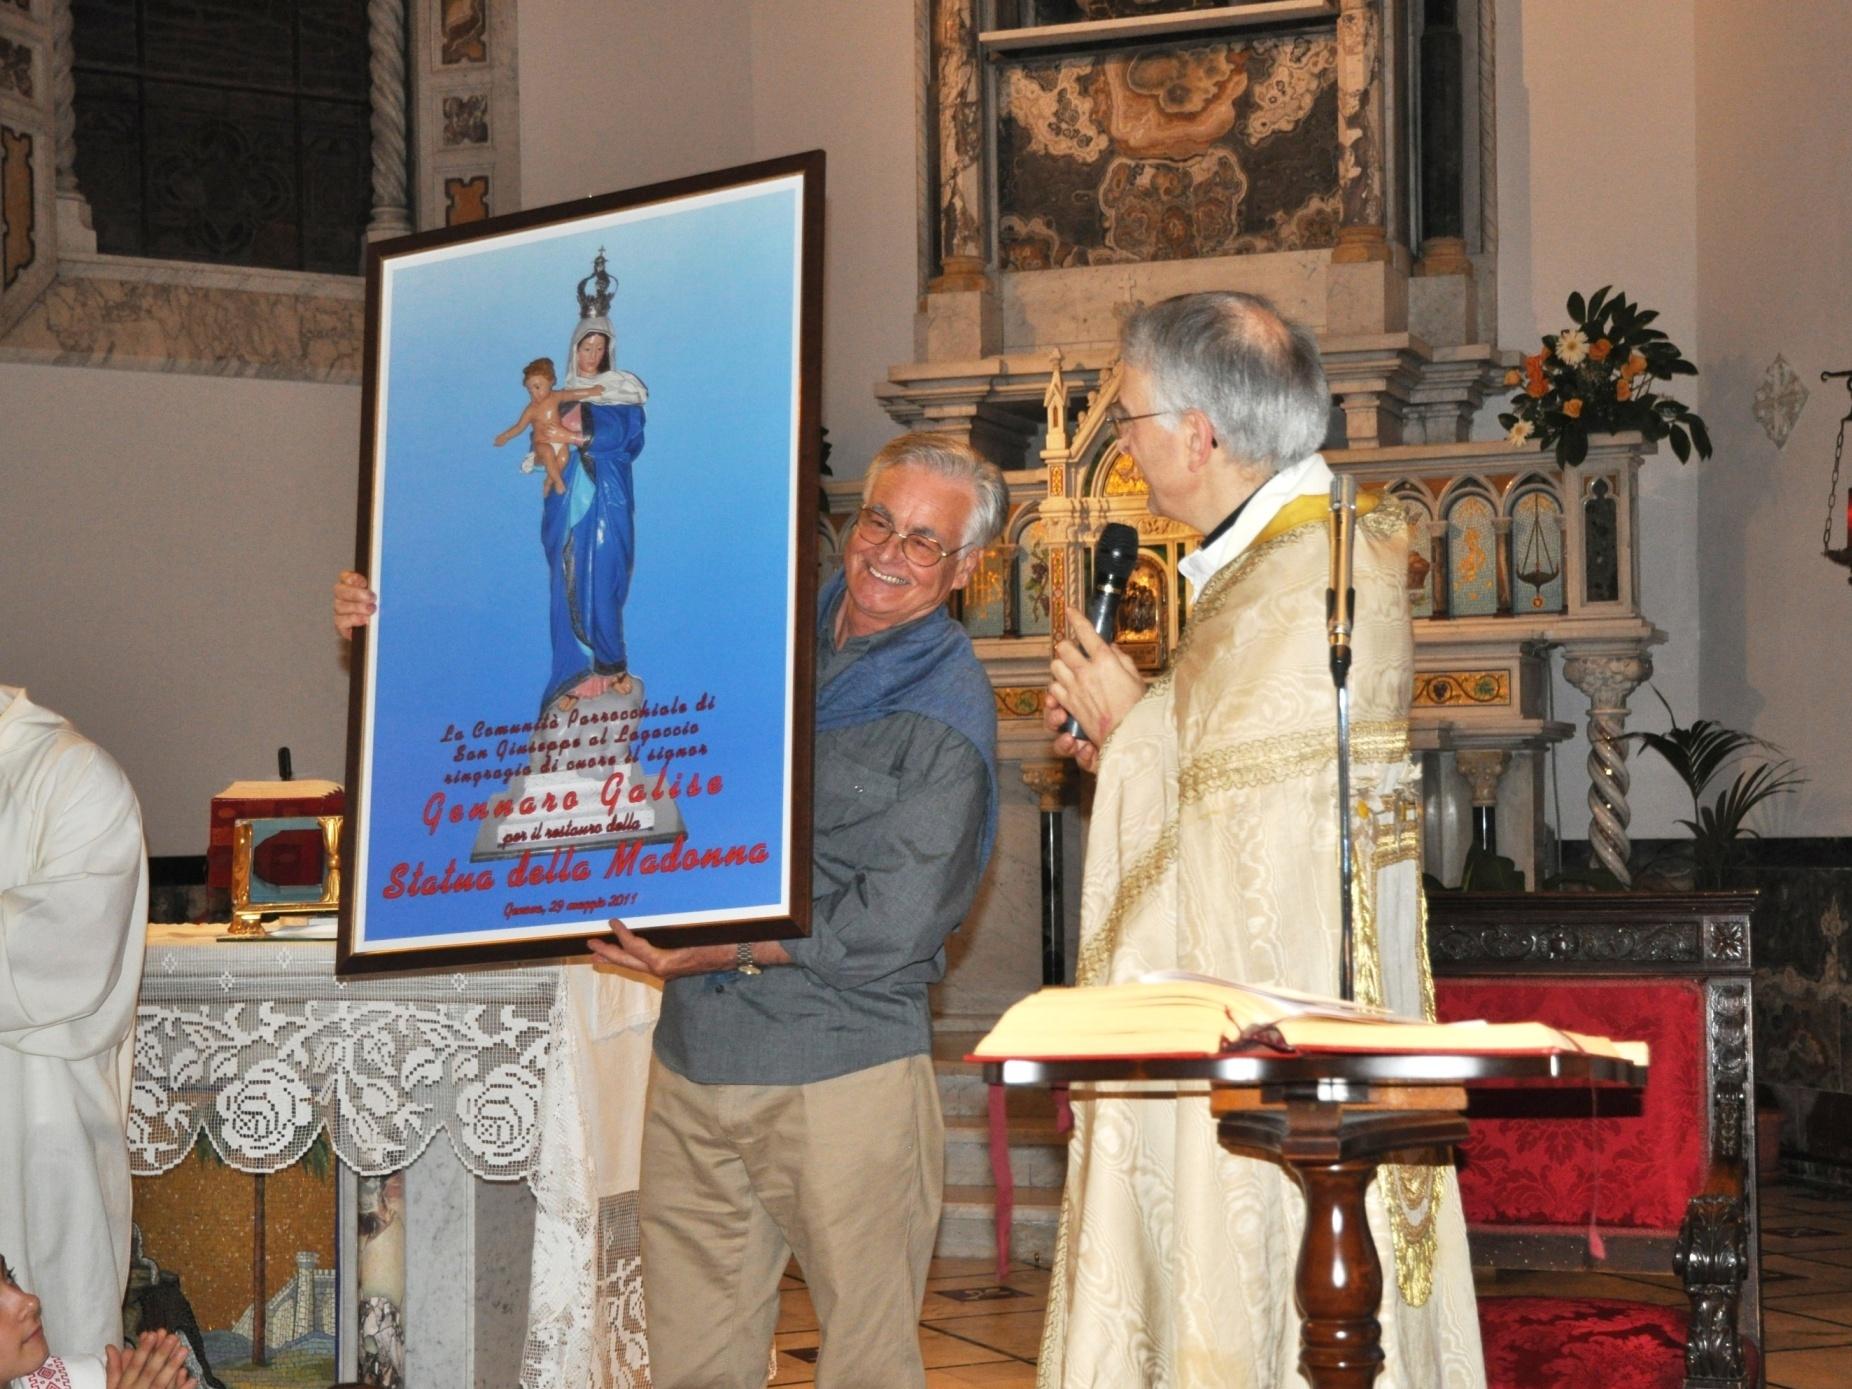 processione_madonna-2011-05-29-22-05-29